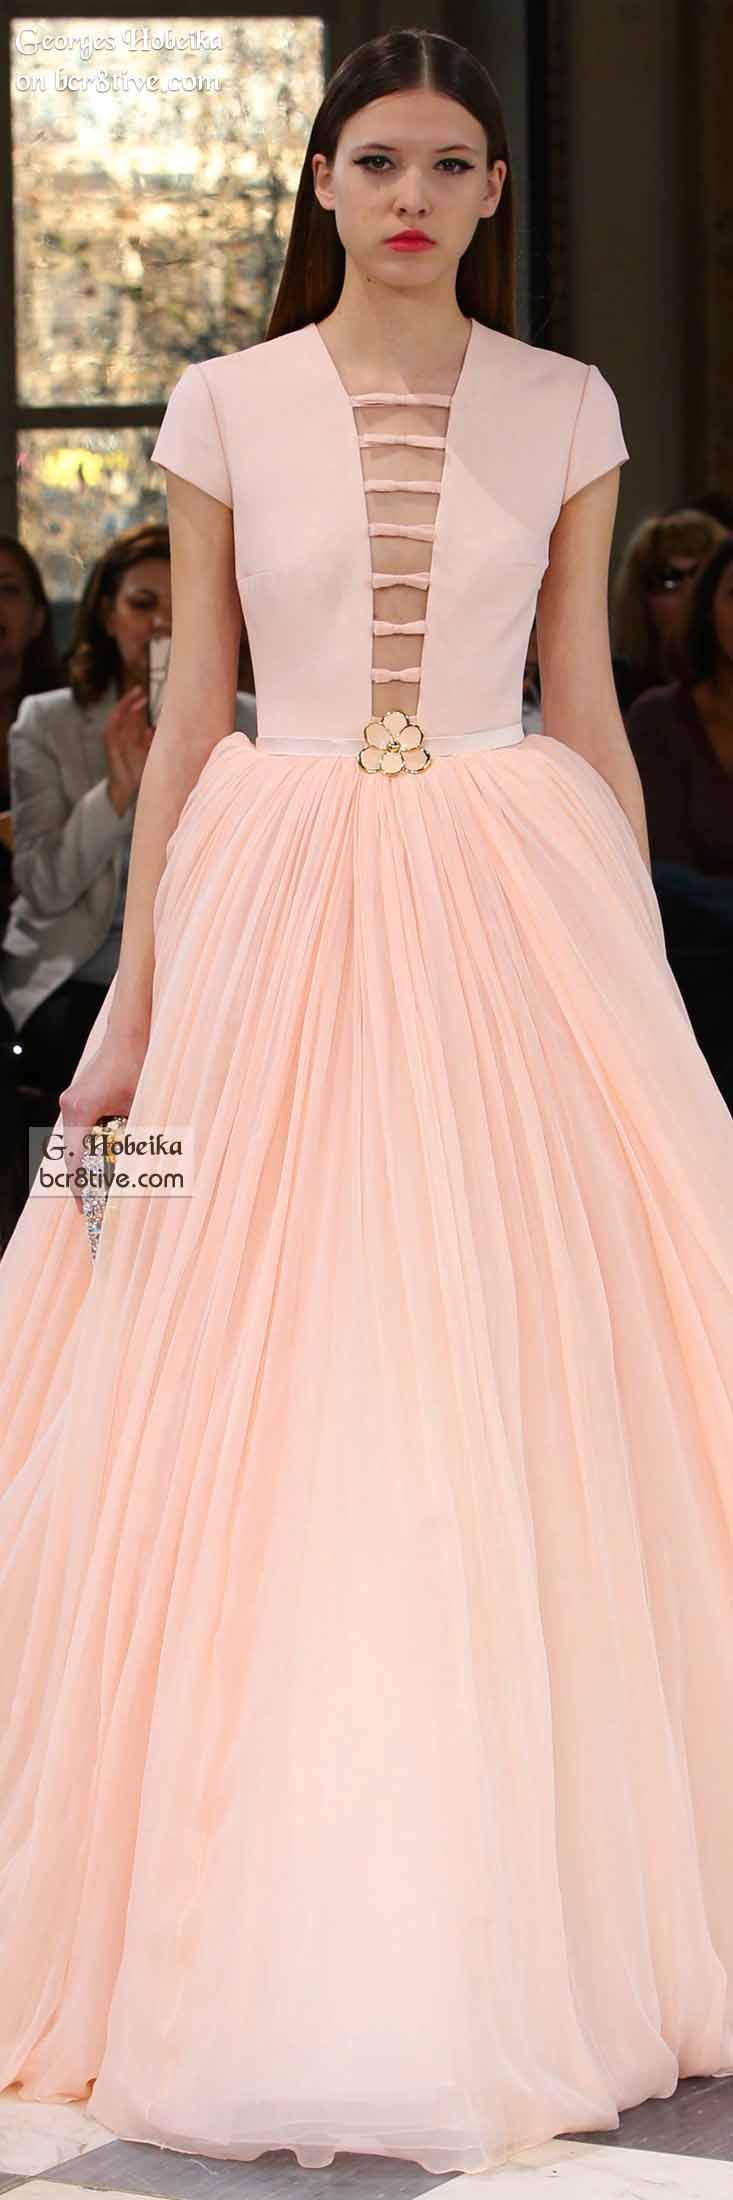 Georges Hobeika Spring 2016 Haute Couture   Vestiditos, Vestidos ...